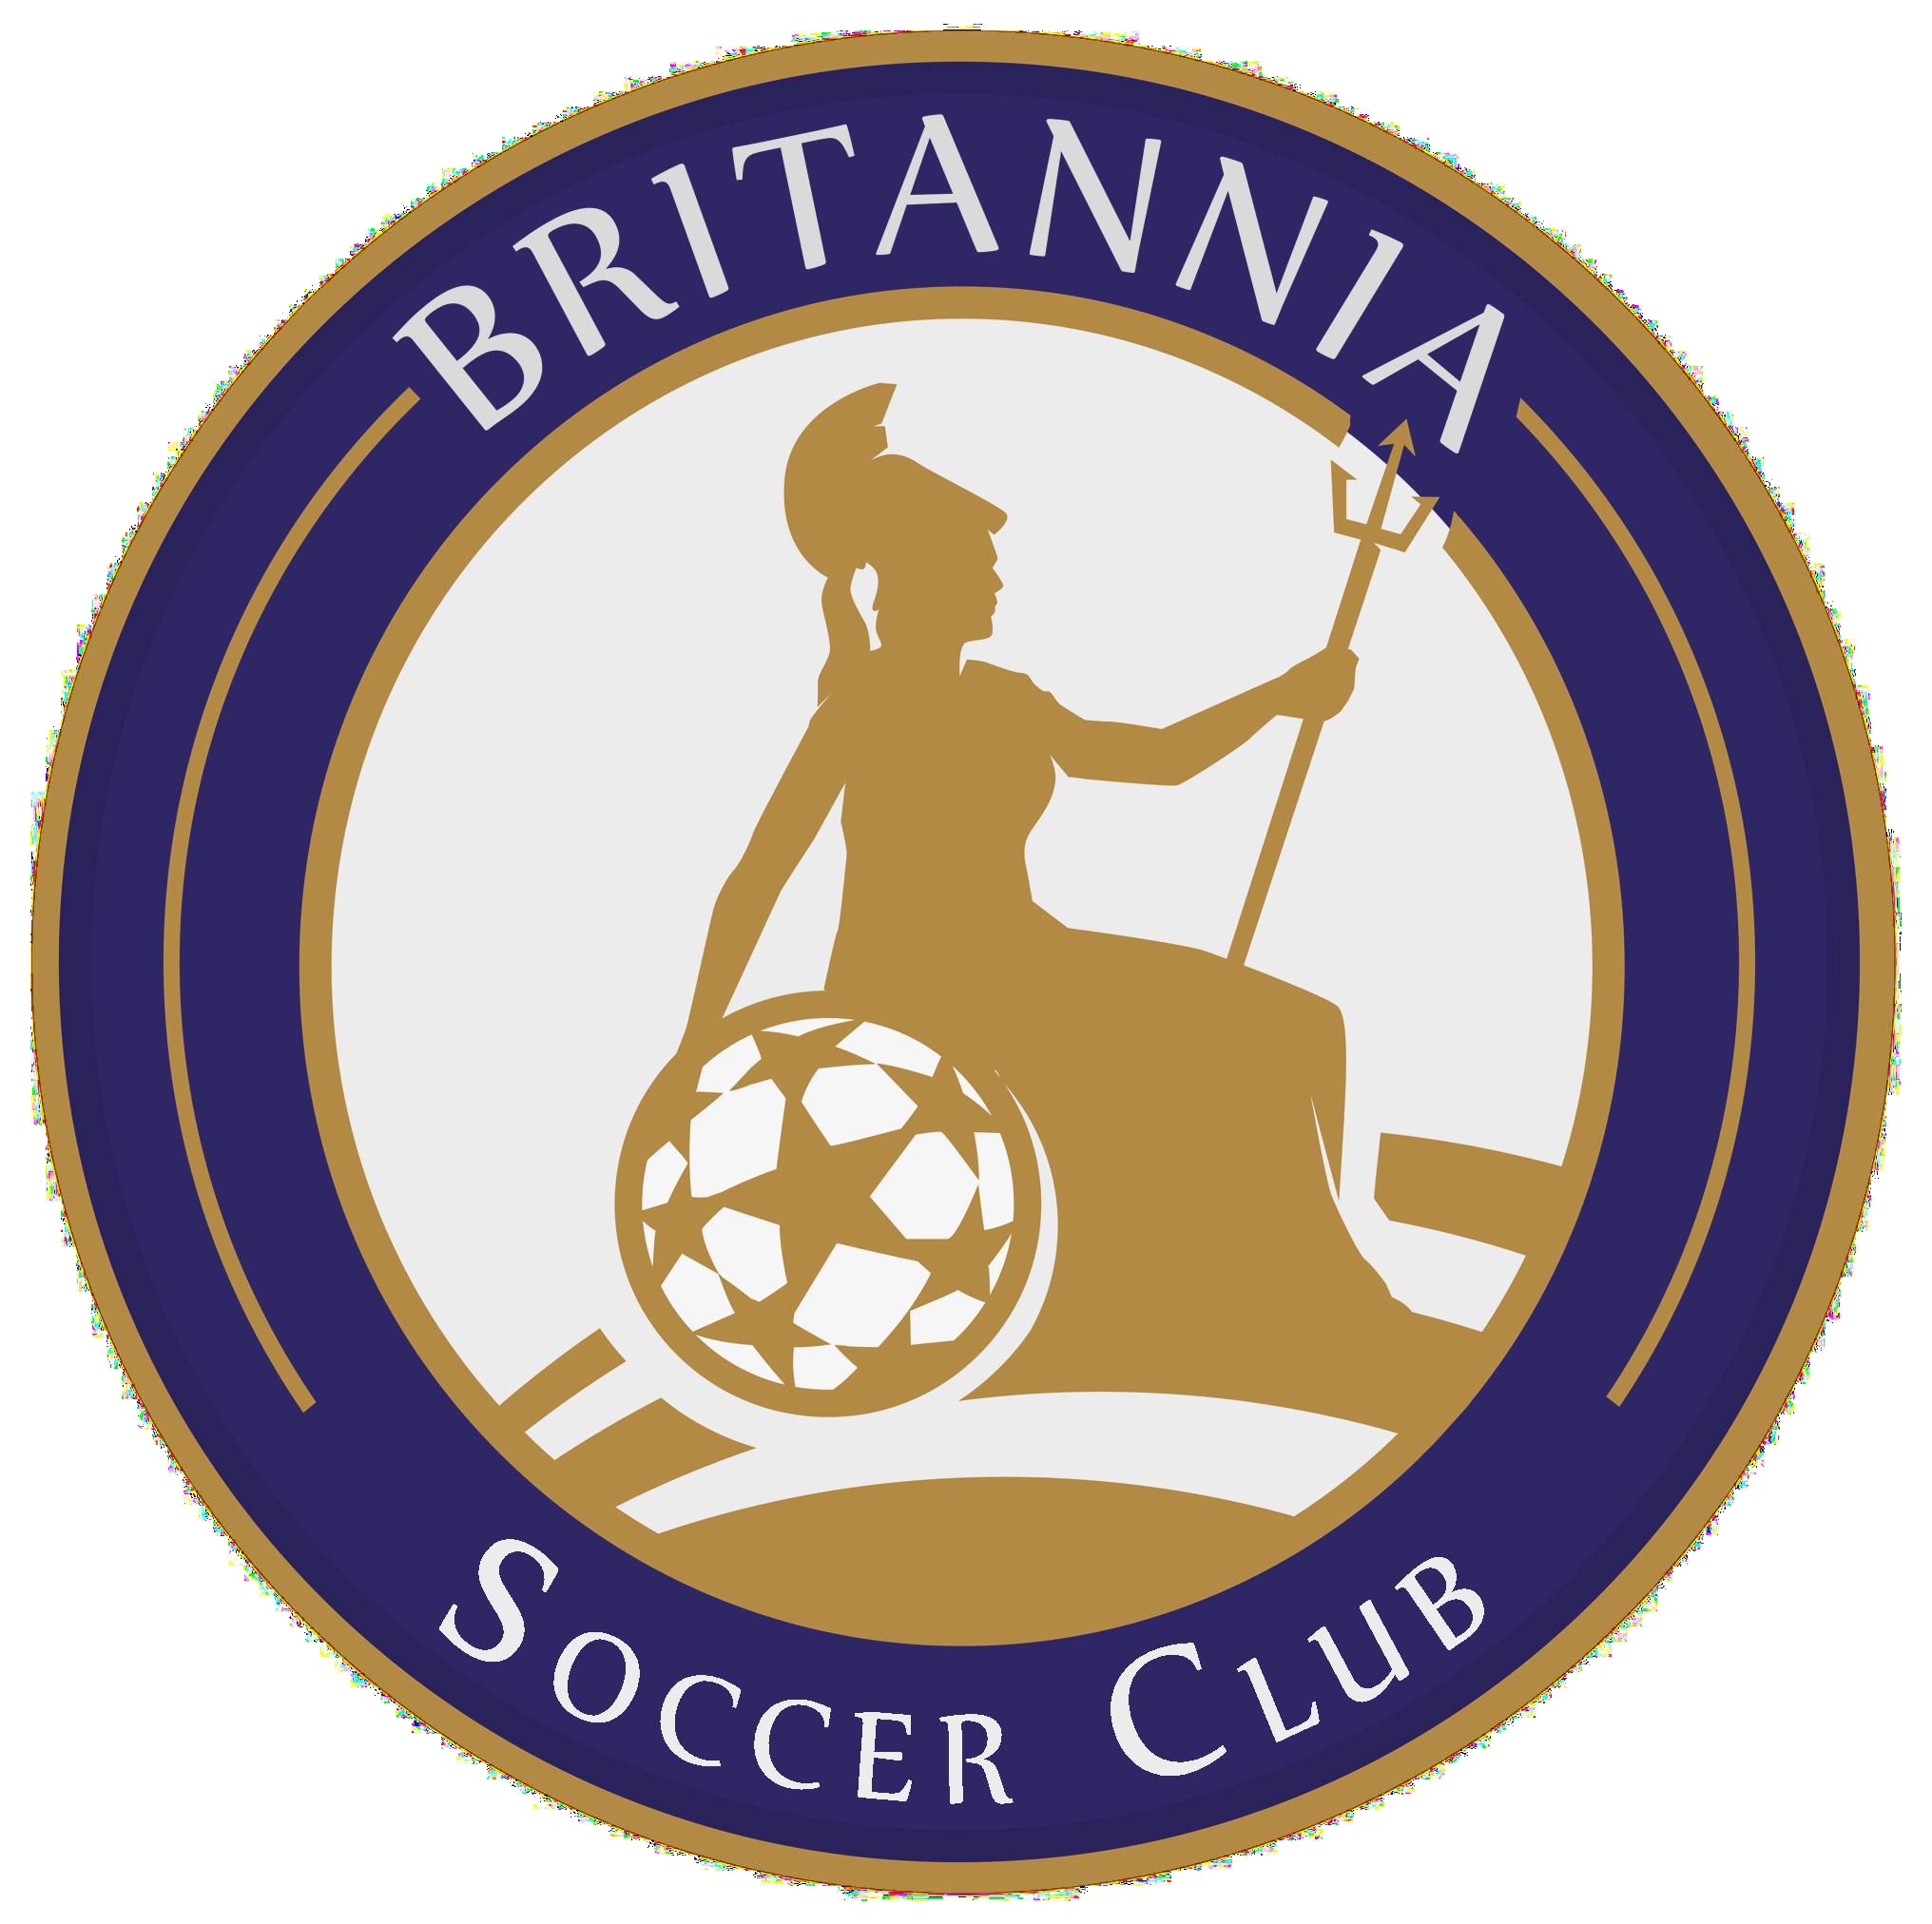 Britannia Soccer Club